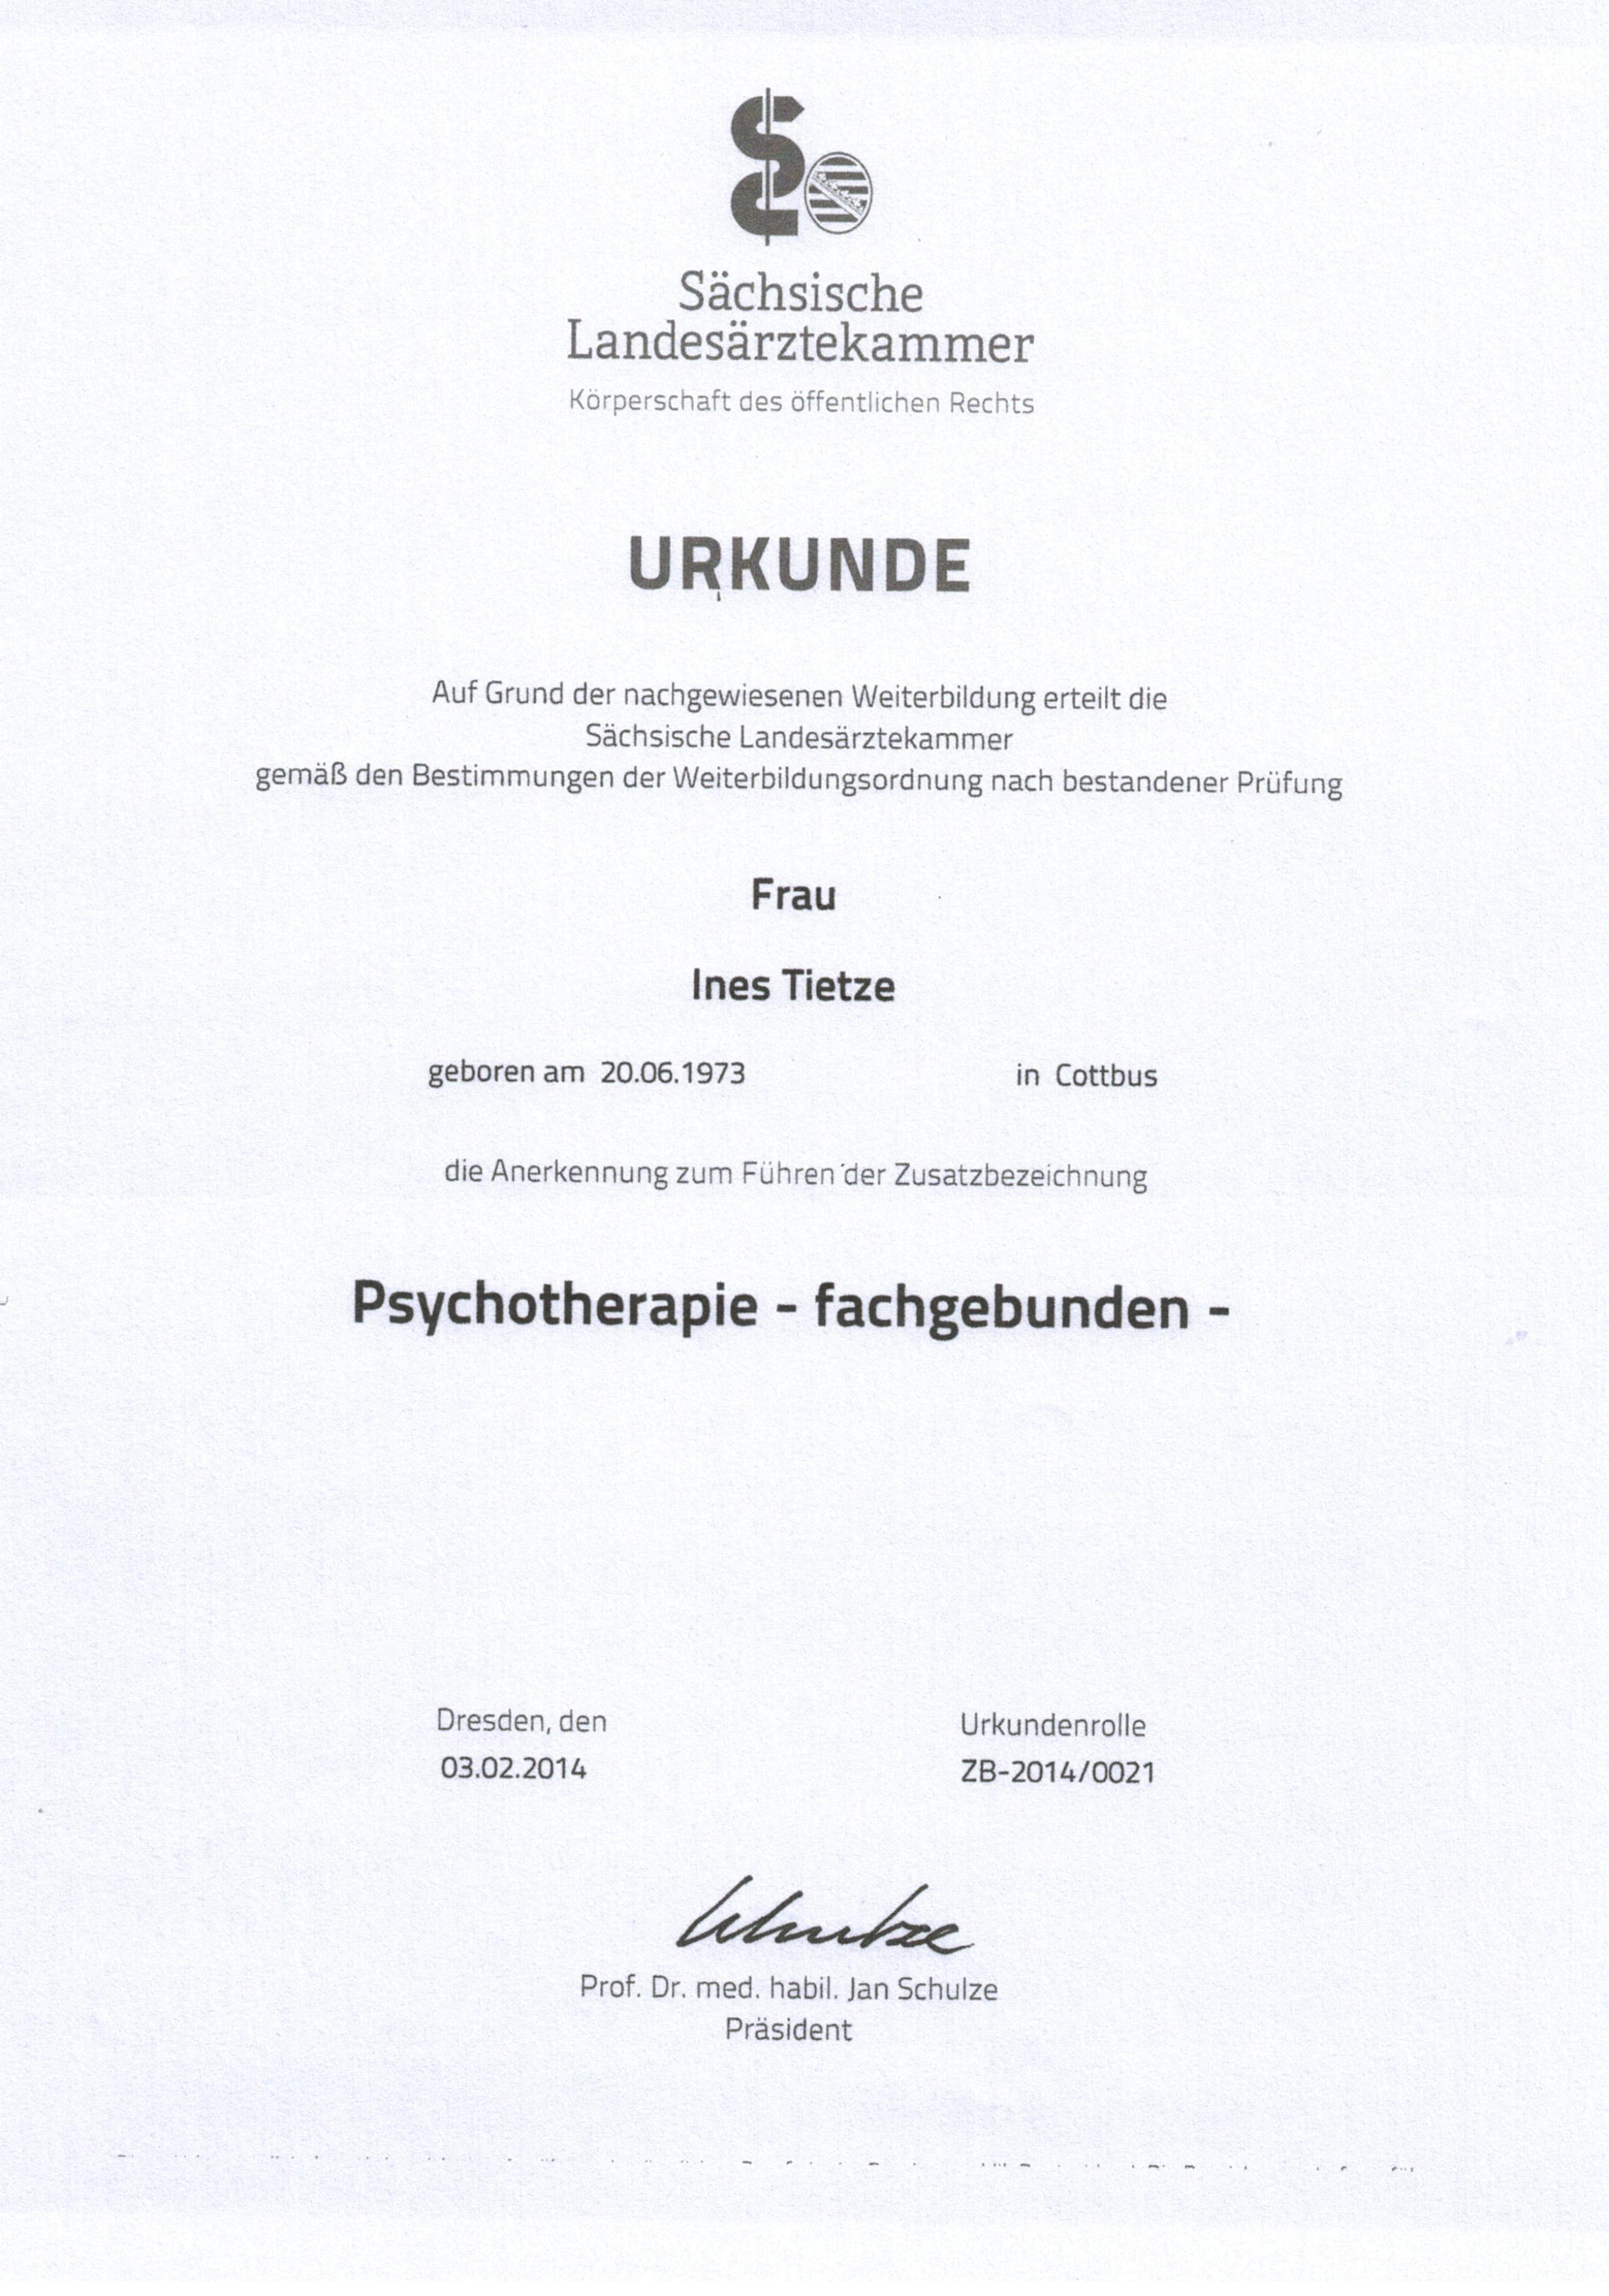 Psychotherapie SLÄK Tietze